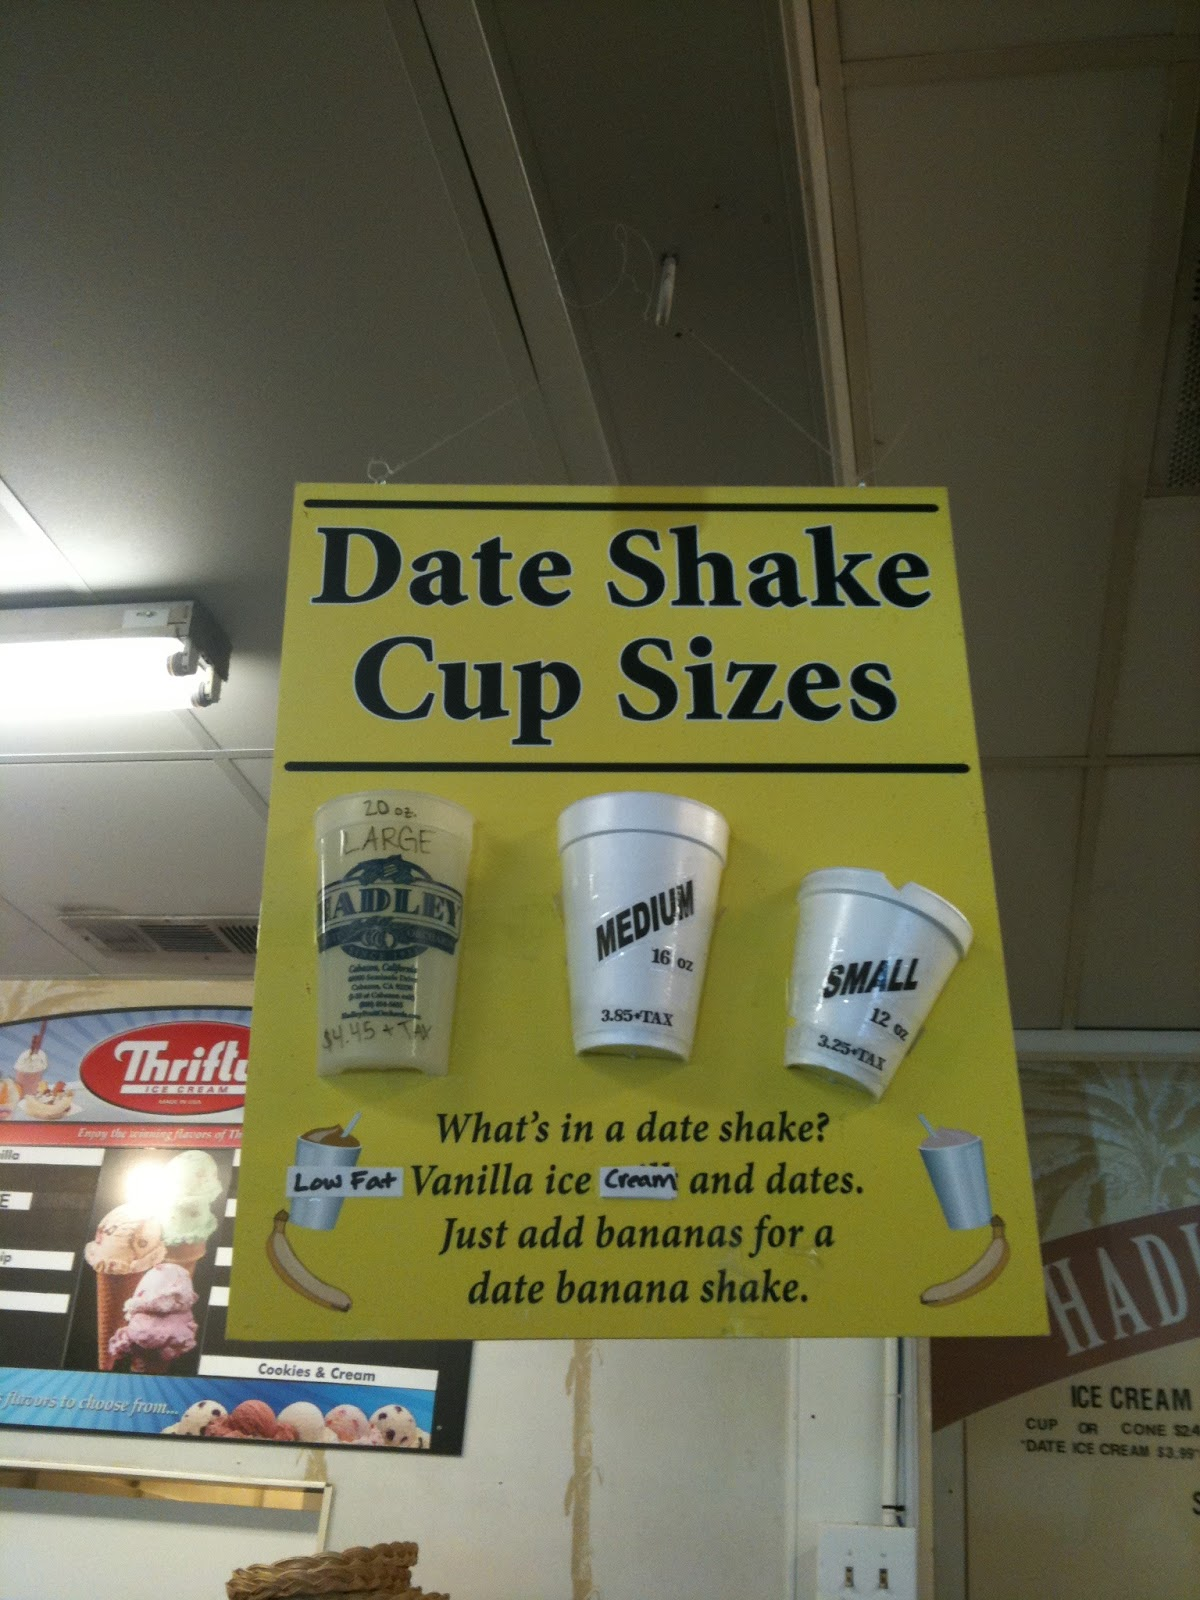 Date shake